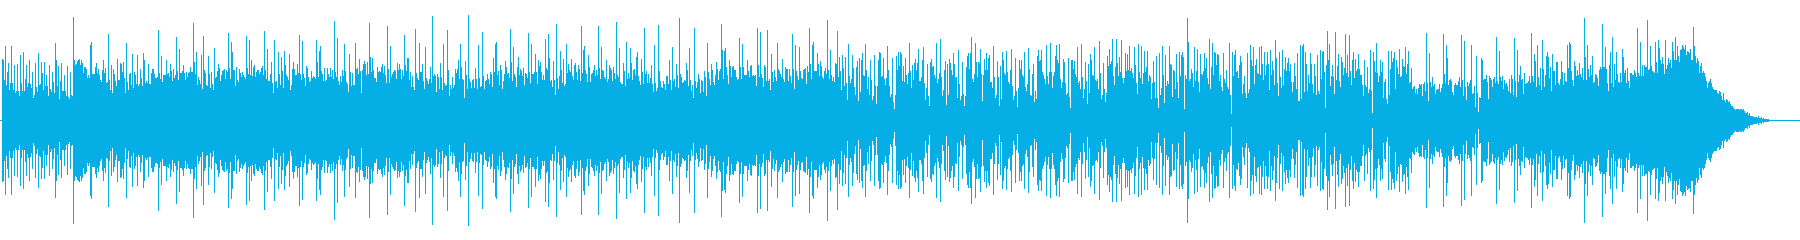 アンダーグラウンドなエレクトロニカの再生済みの波形